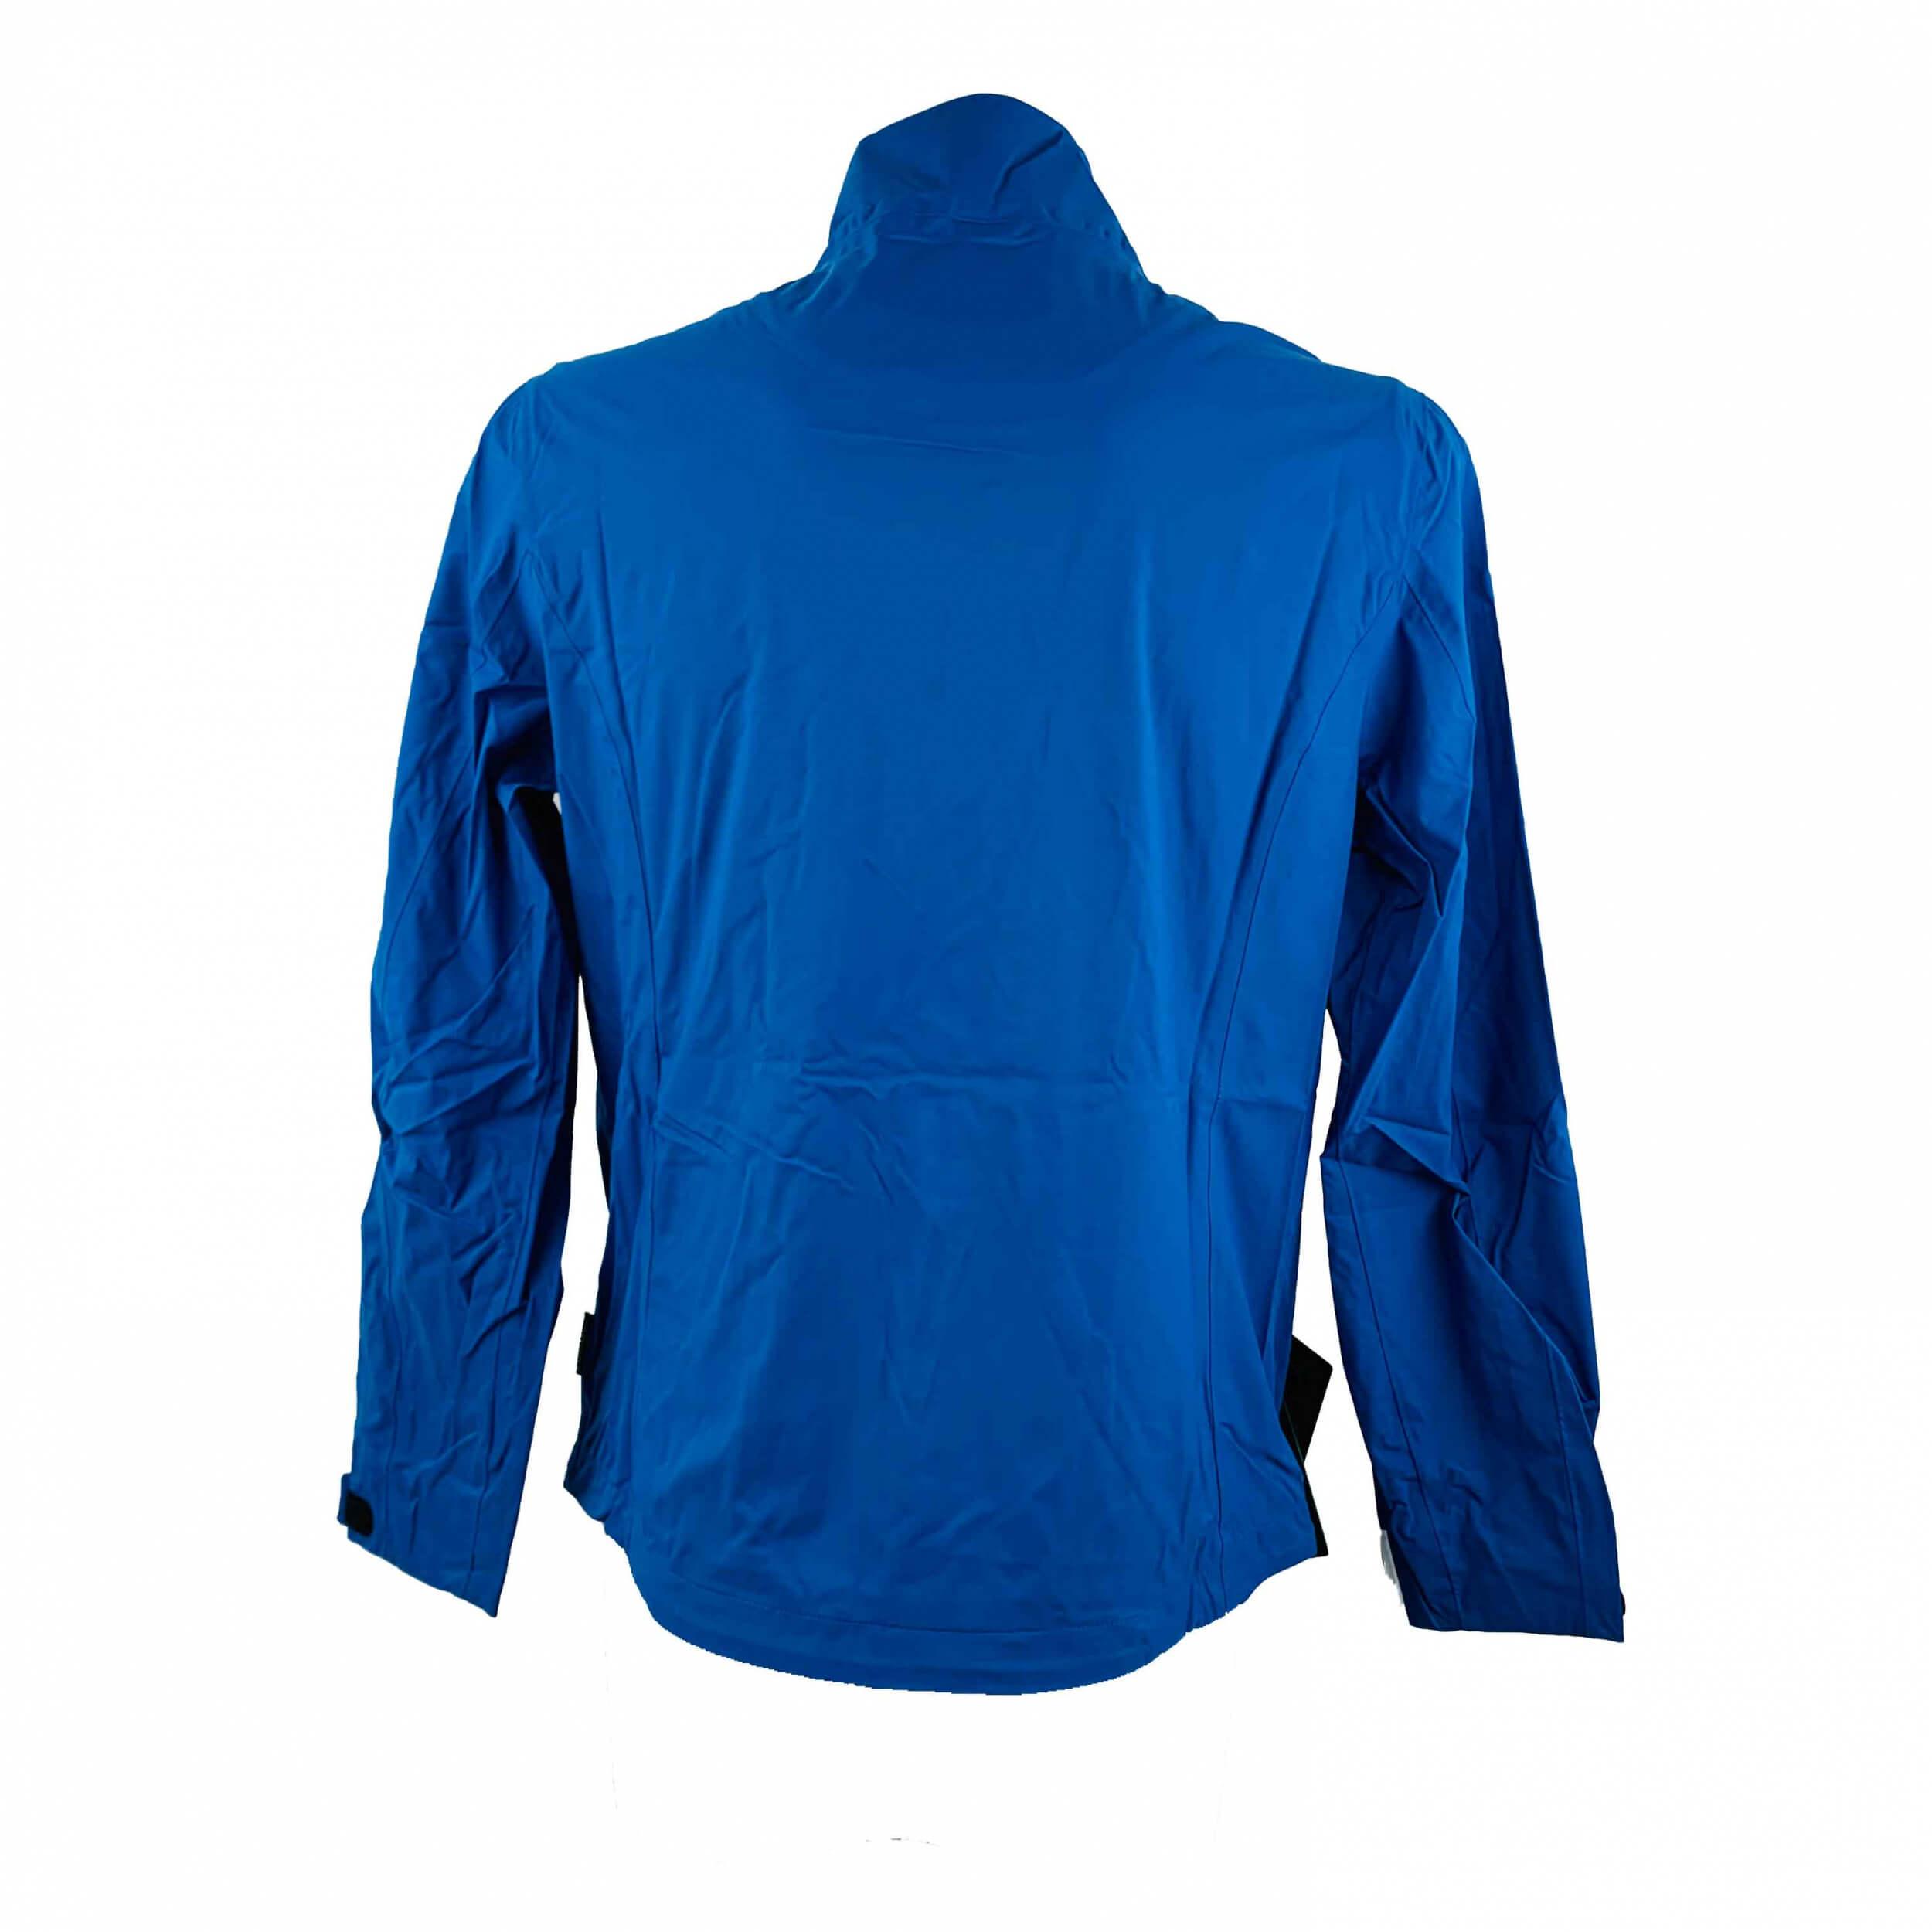 Chervo Herren Regenjacke Molino AQUA BLOCK blau 569